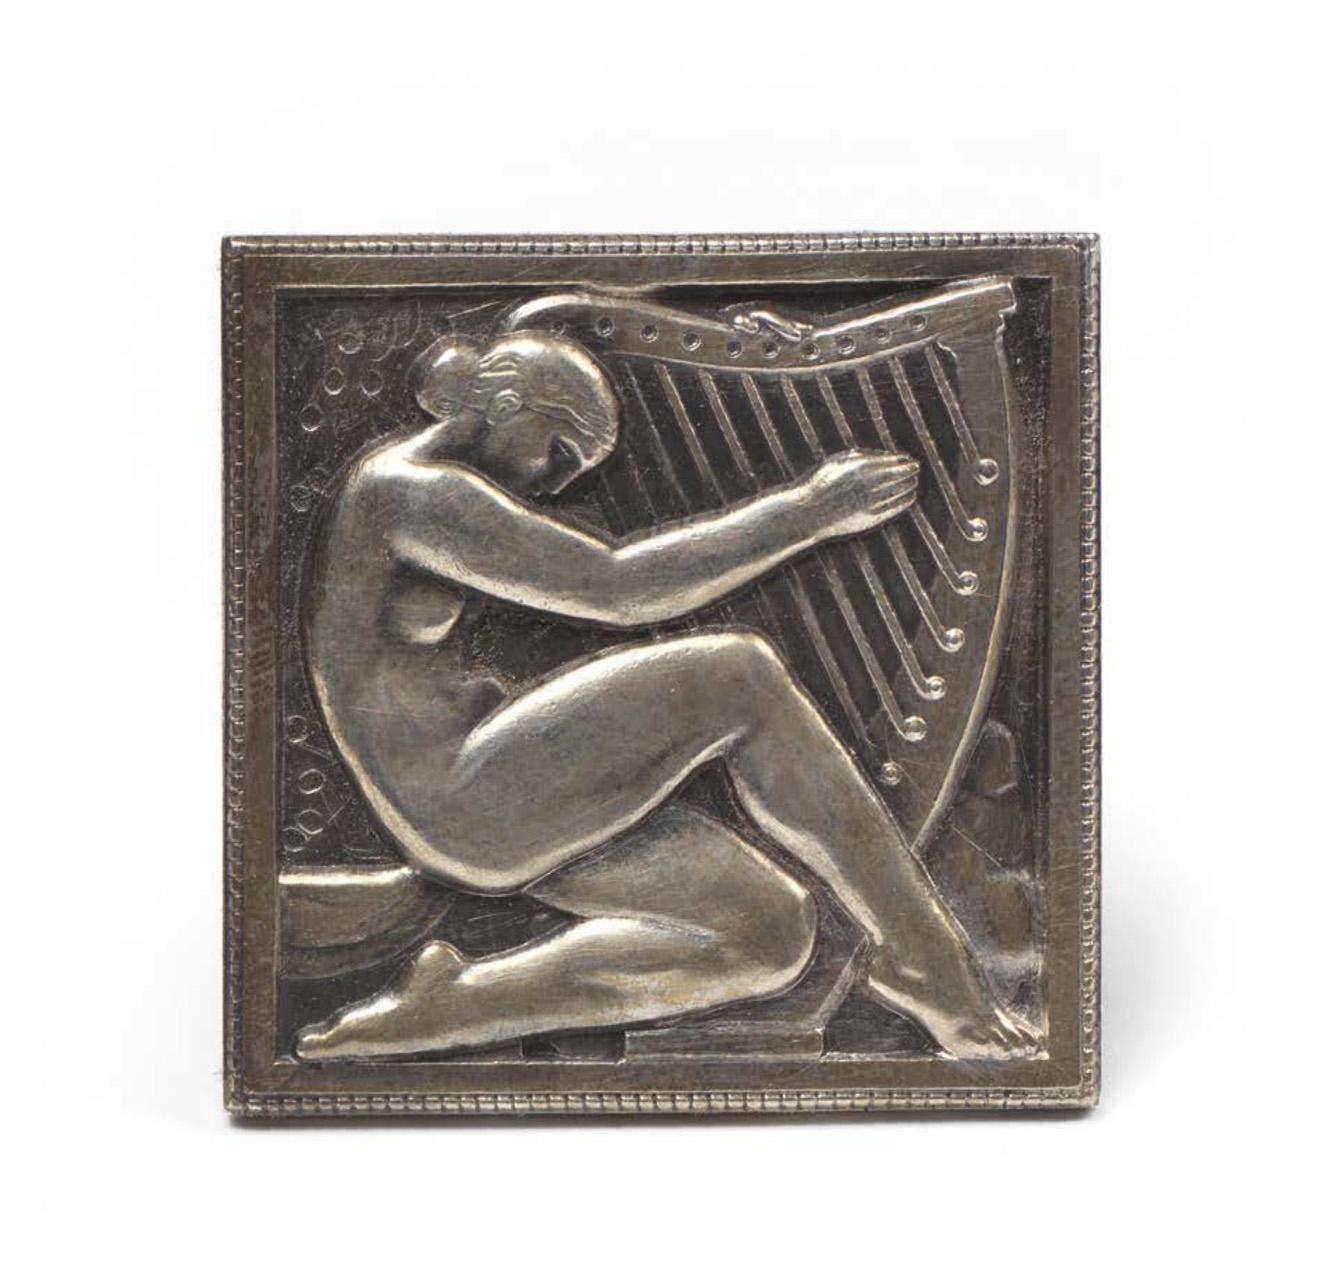 447€ Marcel Renard(1893-1974), Femme à la harpe, 1927, argent, 5,5x5,5cm, poids: 128g.Drouot, 15février 2019.Christophe Joron Dere